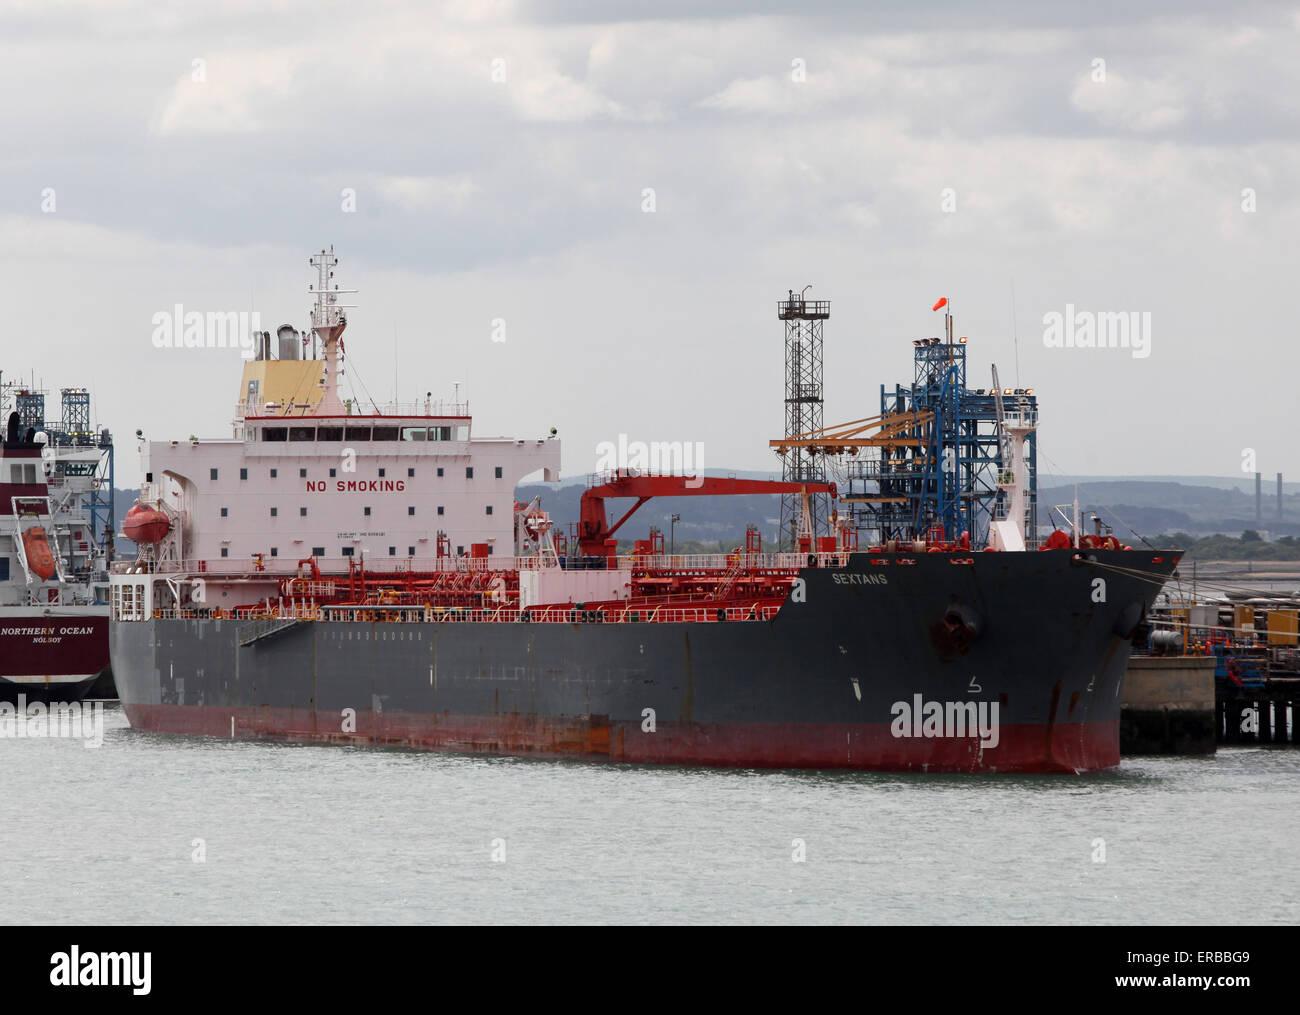 Sextans navire-citerne chimique de l'huile à la raffinerie de Fawley près de Southampton Photo Stock